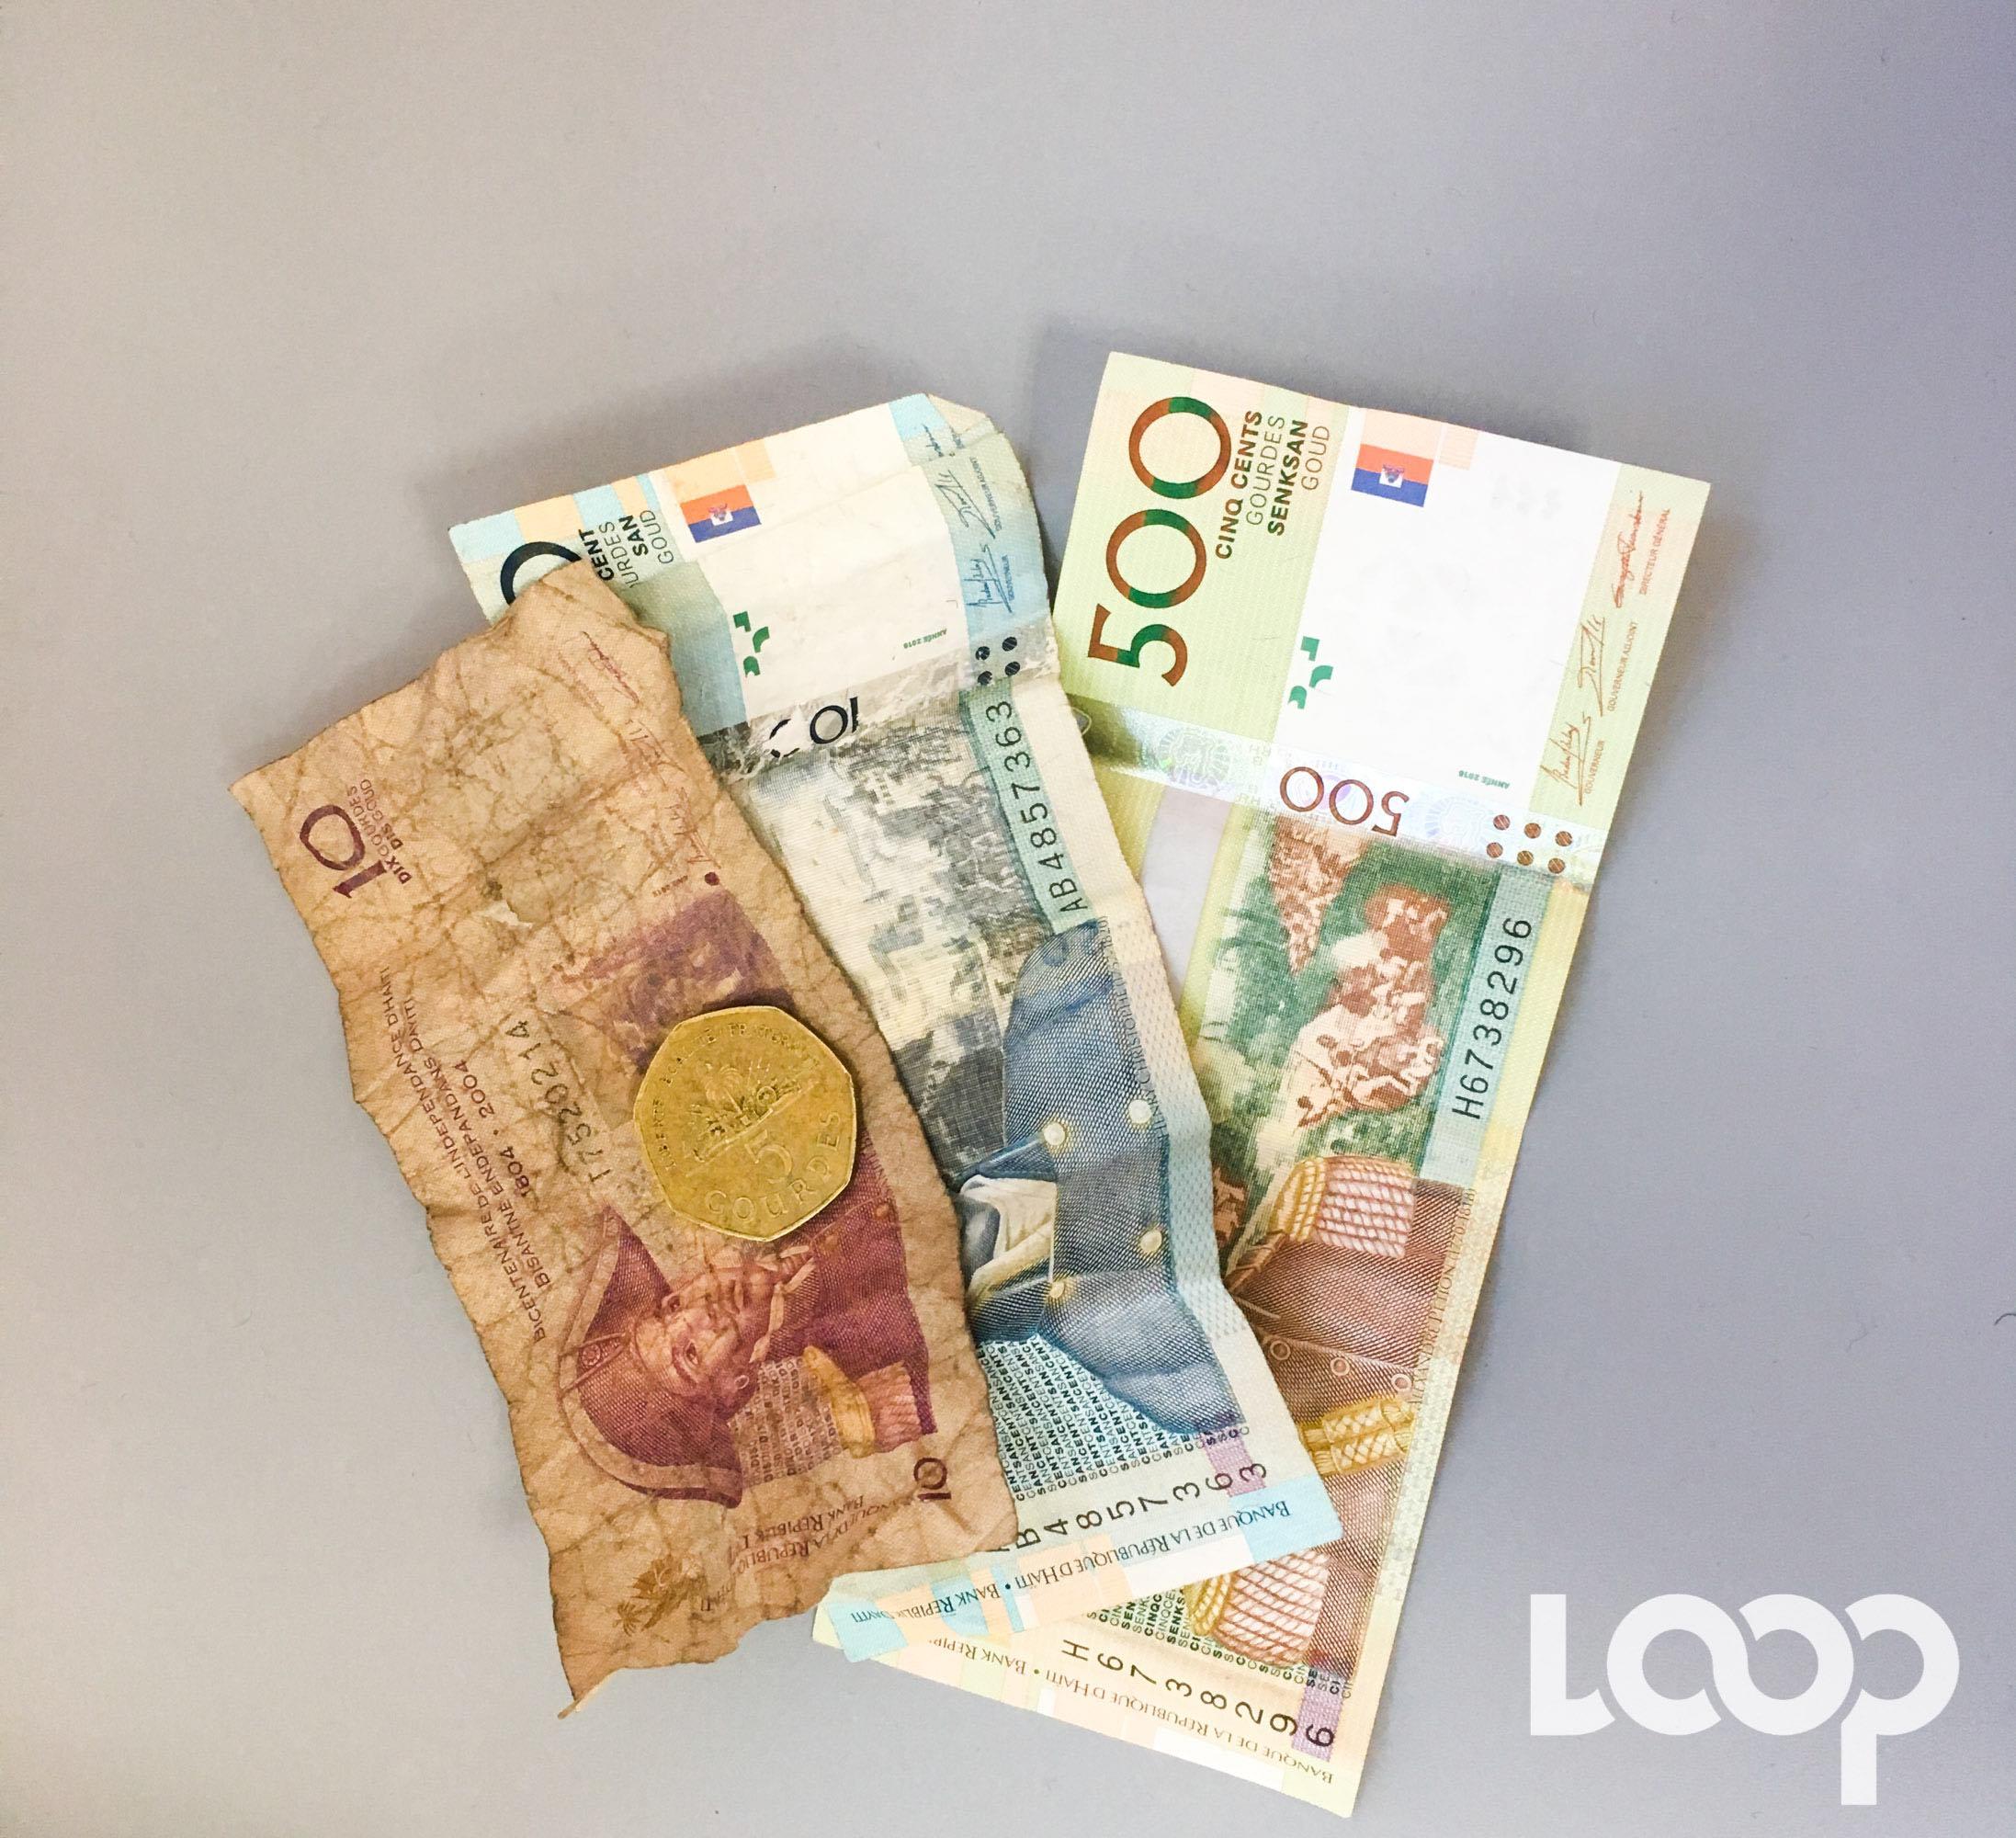 Découvrez l'histoire de la gourde, la monnaie locale./Photo: Loop Haiti-archives.